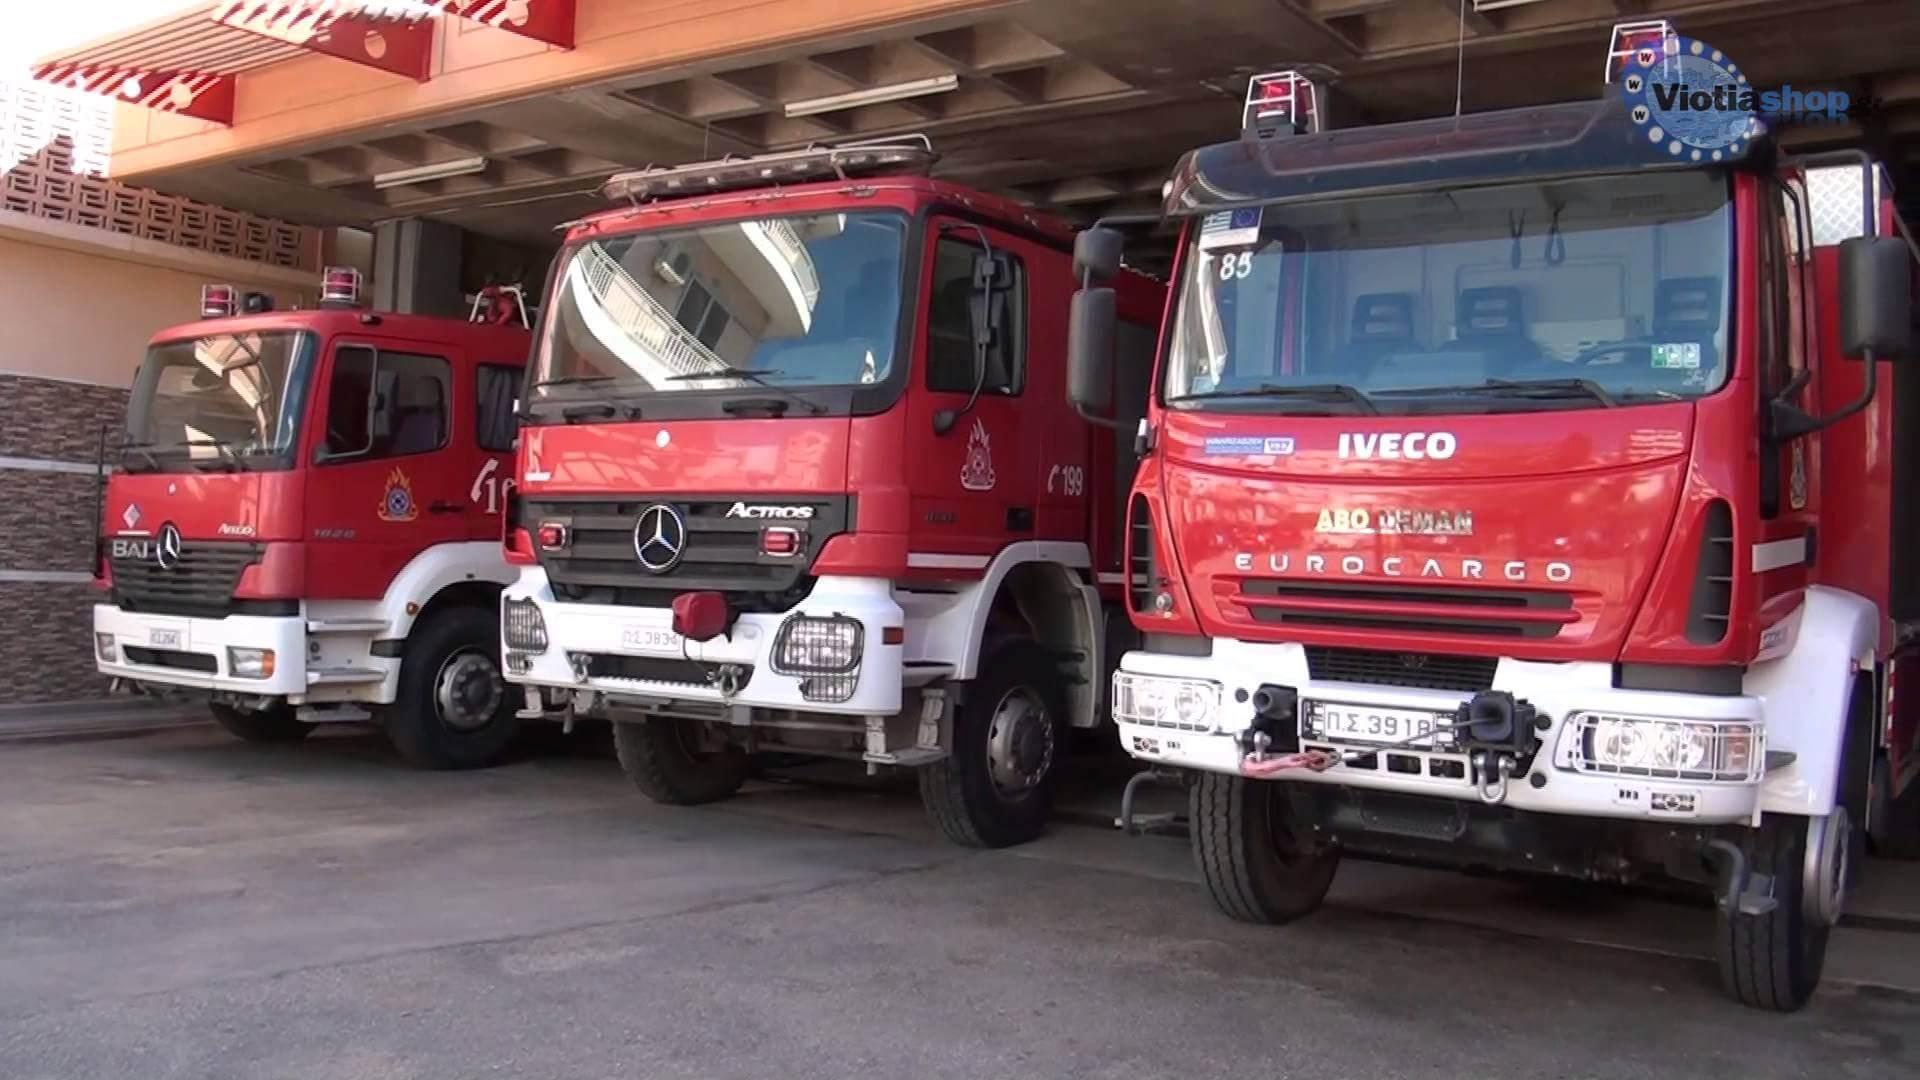 Ενημέρωση για την επιχειρησιακή ετοιμότητα του Πυροσβεστικού Σώματος